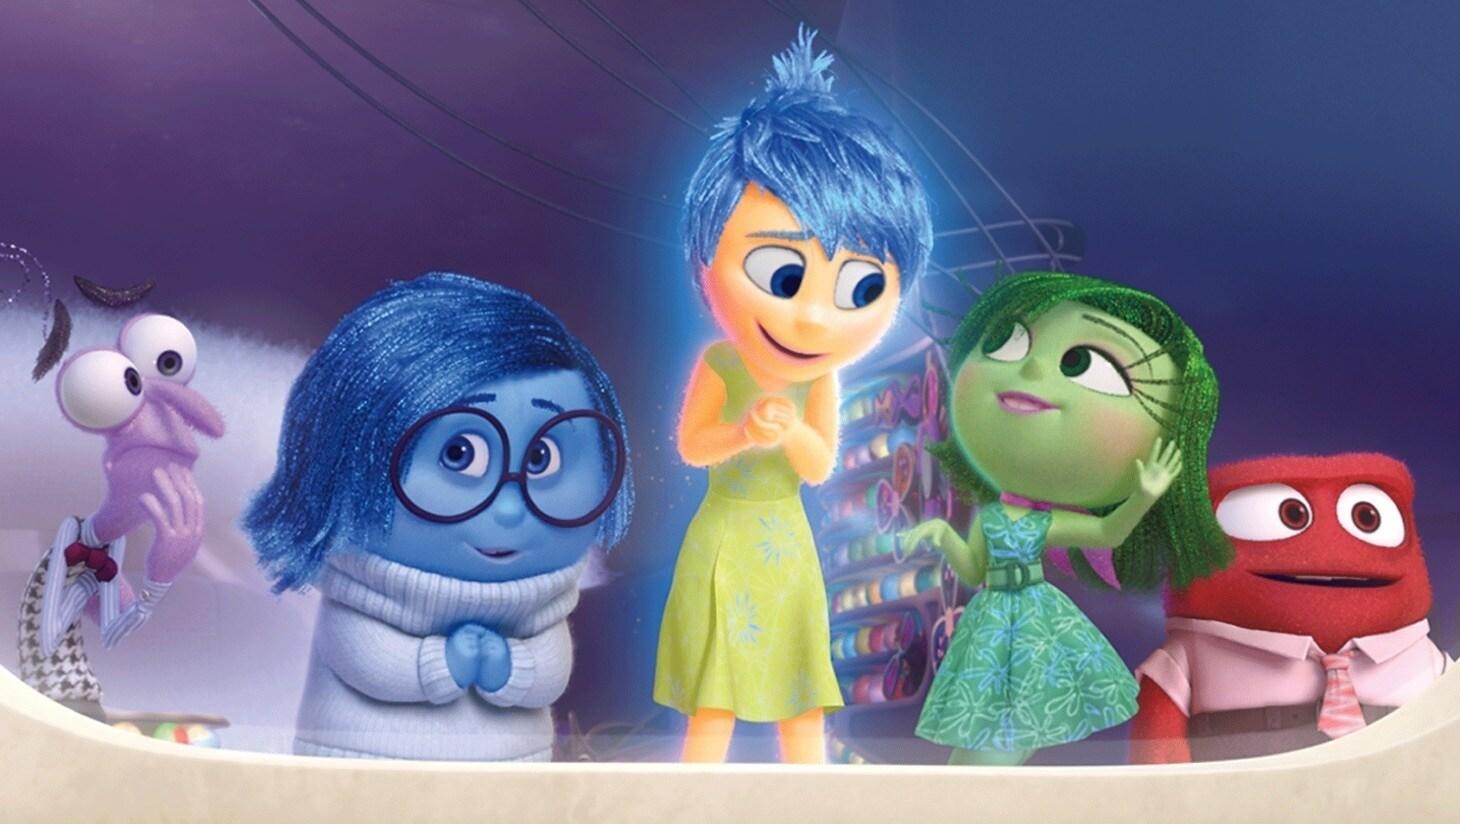 Een still uit de film Inside Out